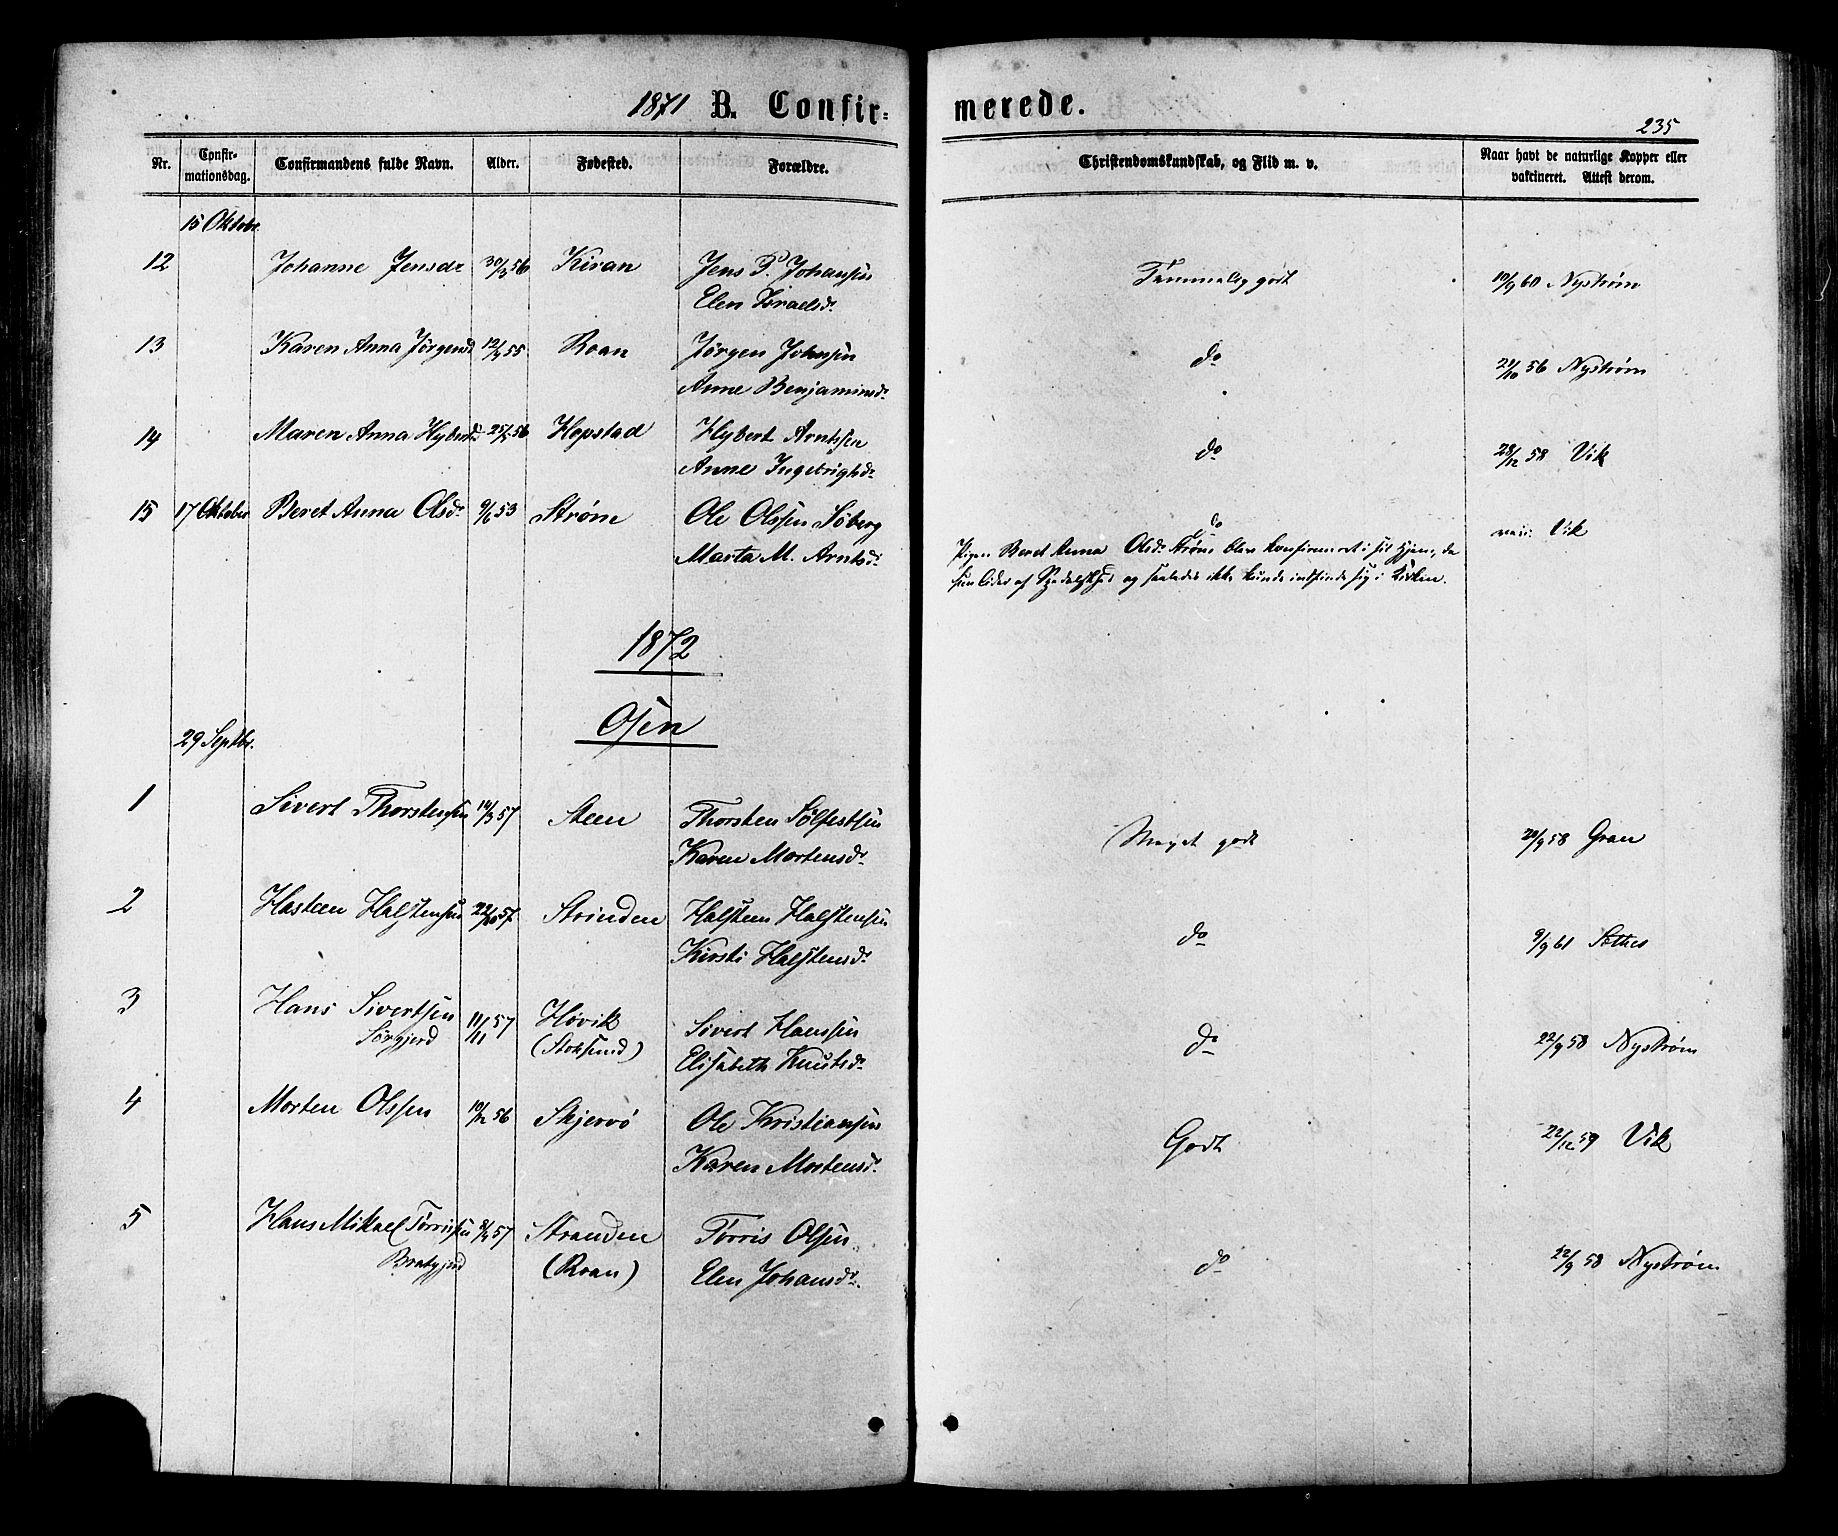 SAT, Ministerialprotokoller, klokkerbøker og fødselsregistre - Sør-Trøndelag, 657/L0706: Ministerialbok nr. 657A07, 1867-1878, s. 235